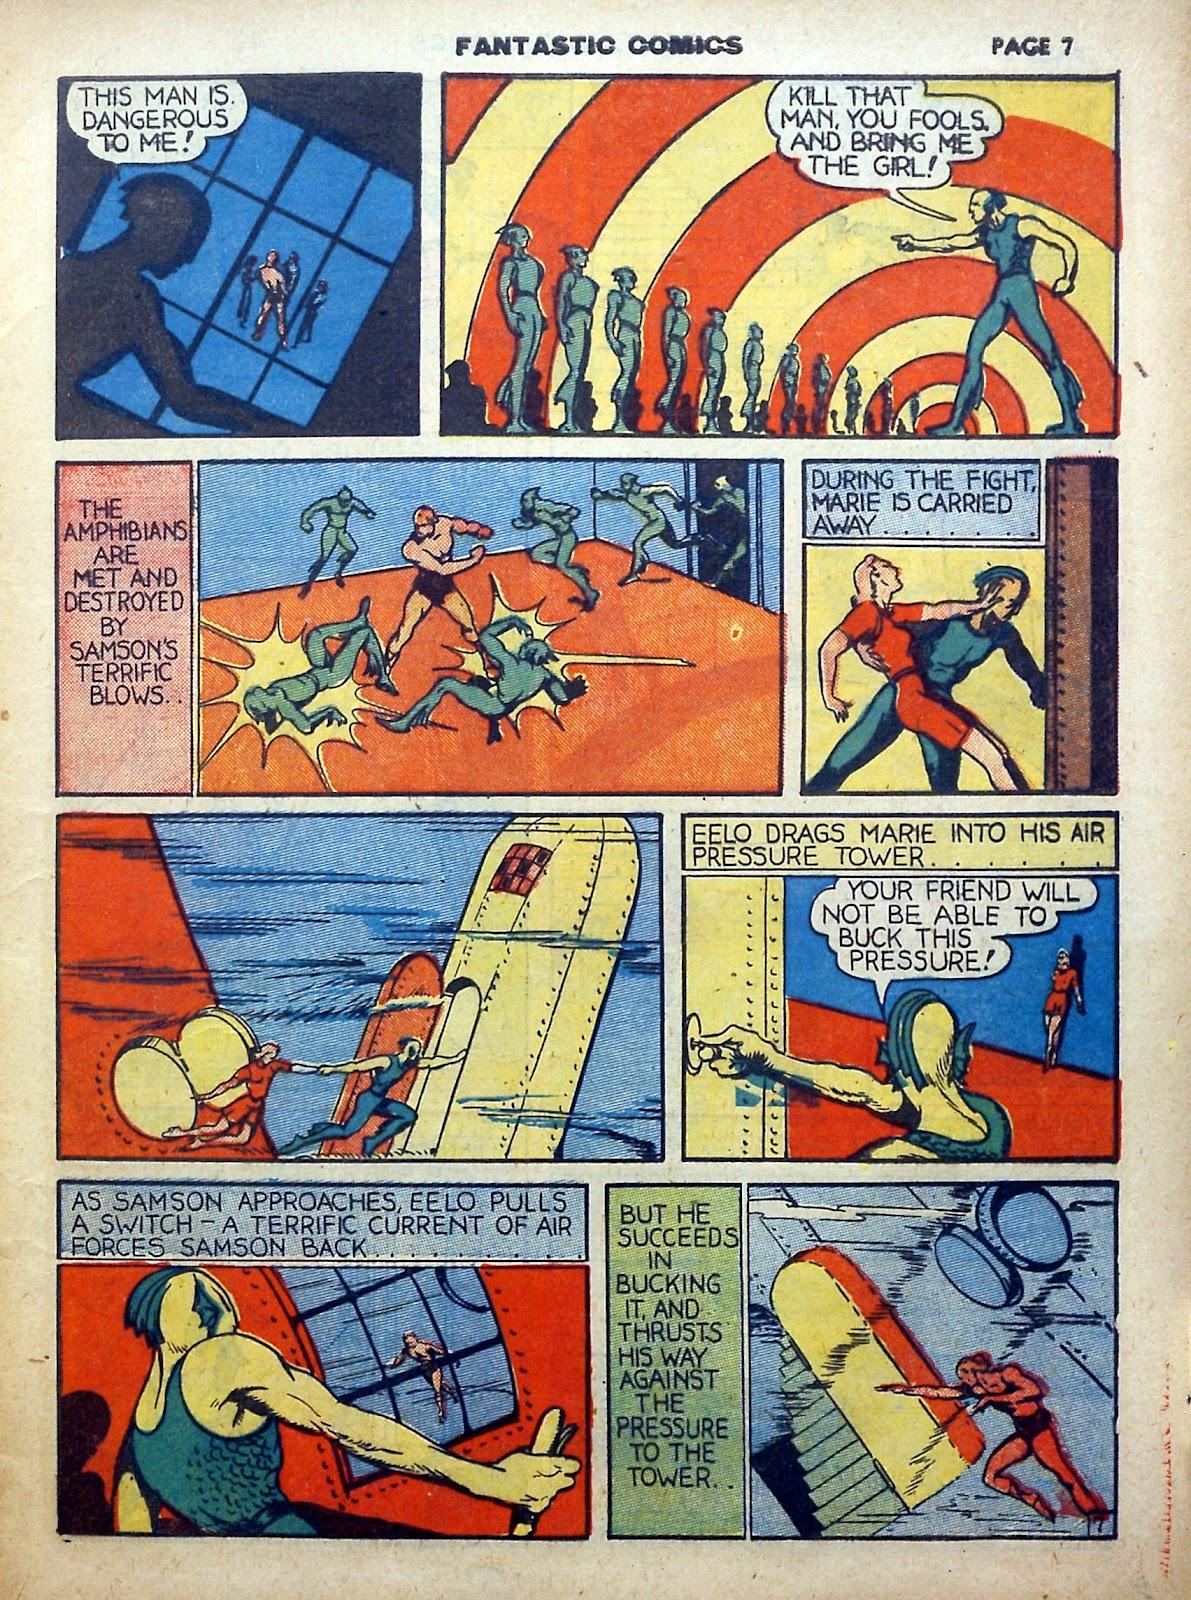 Read online Fantastic Comics comic -  Issue #5 - 8